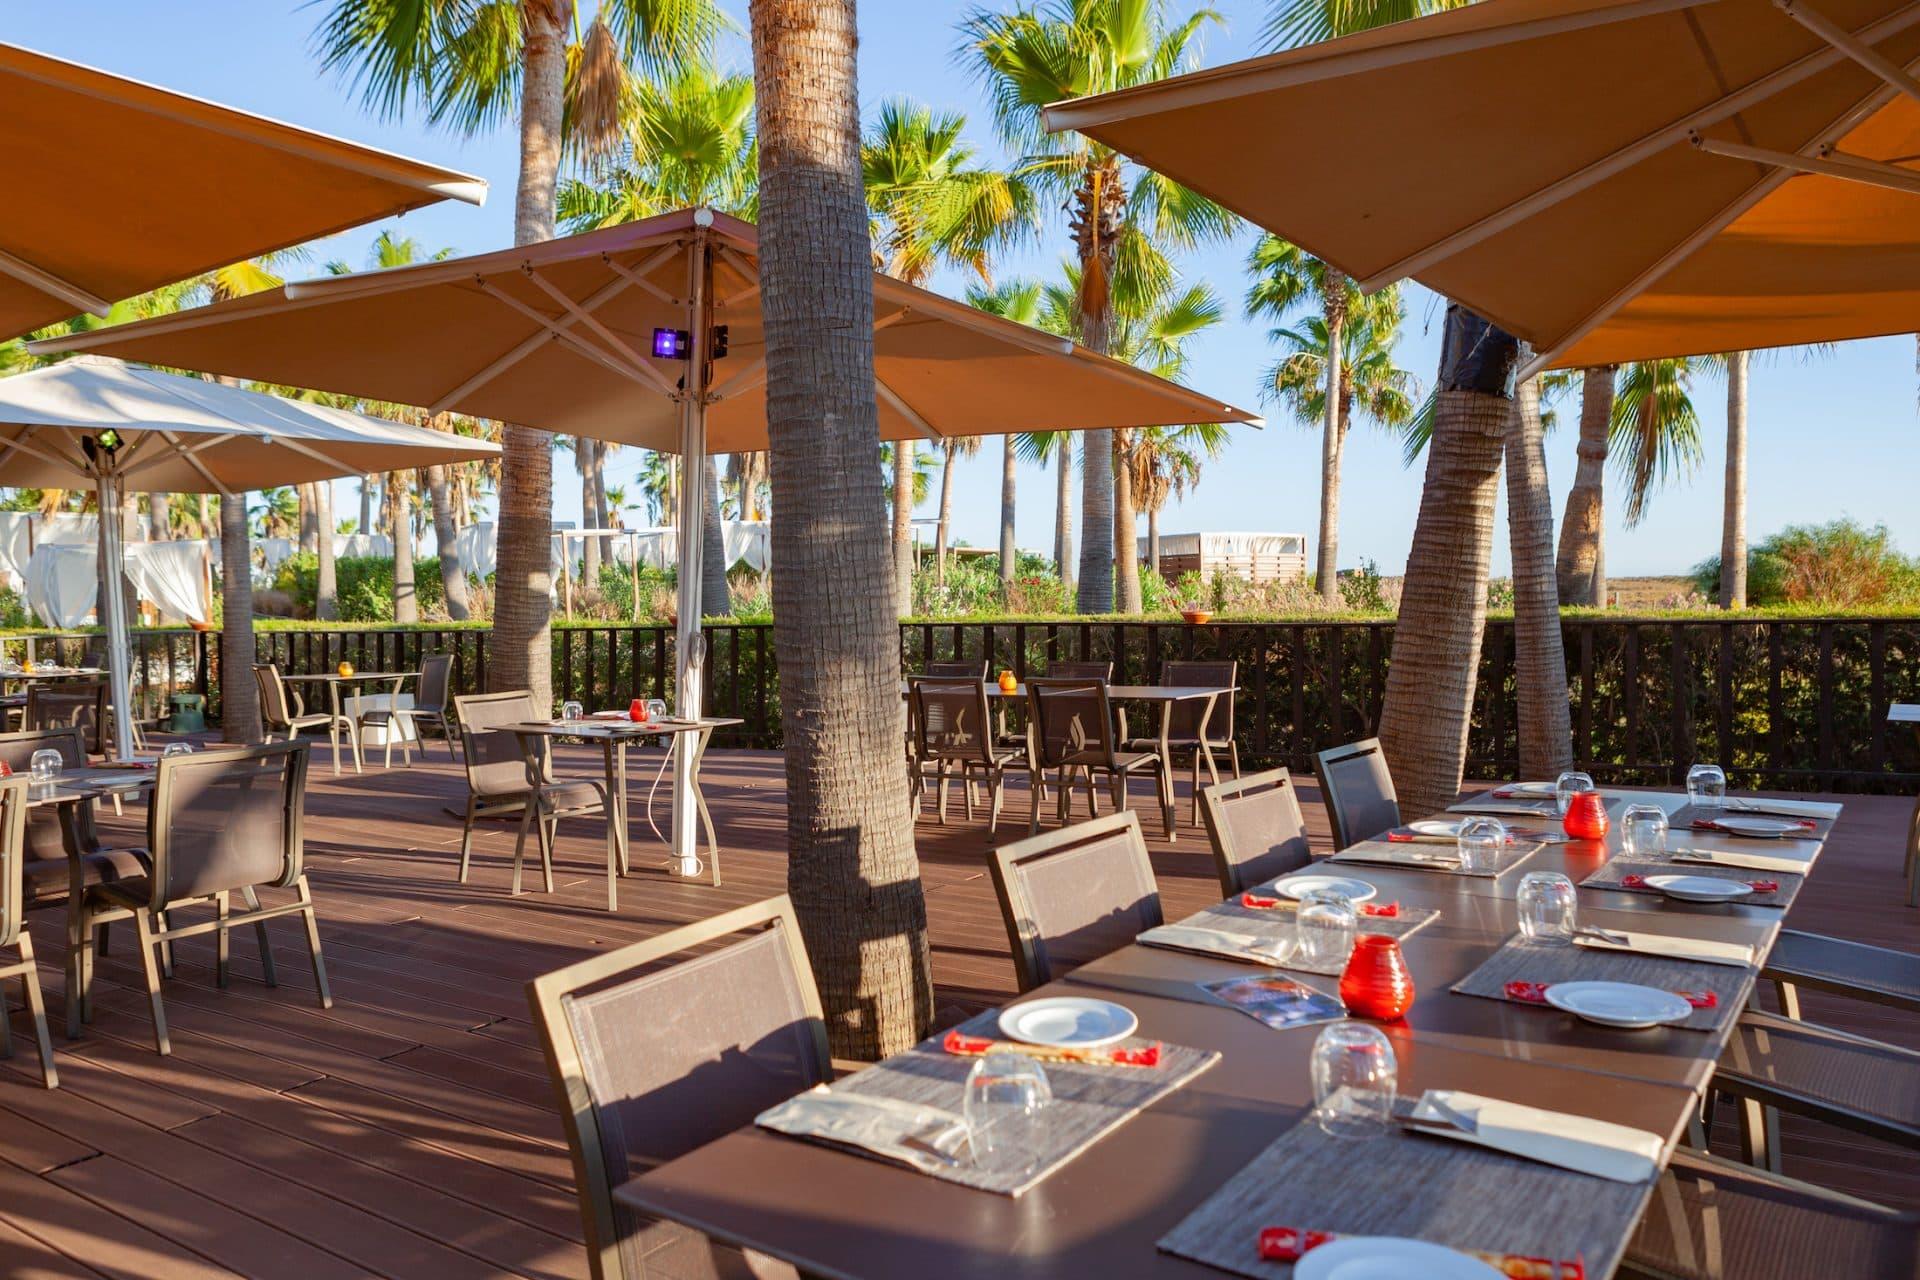 primadonna-ristorante-space-vidamar-hotels-resorts-algarve-2